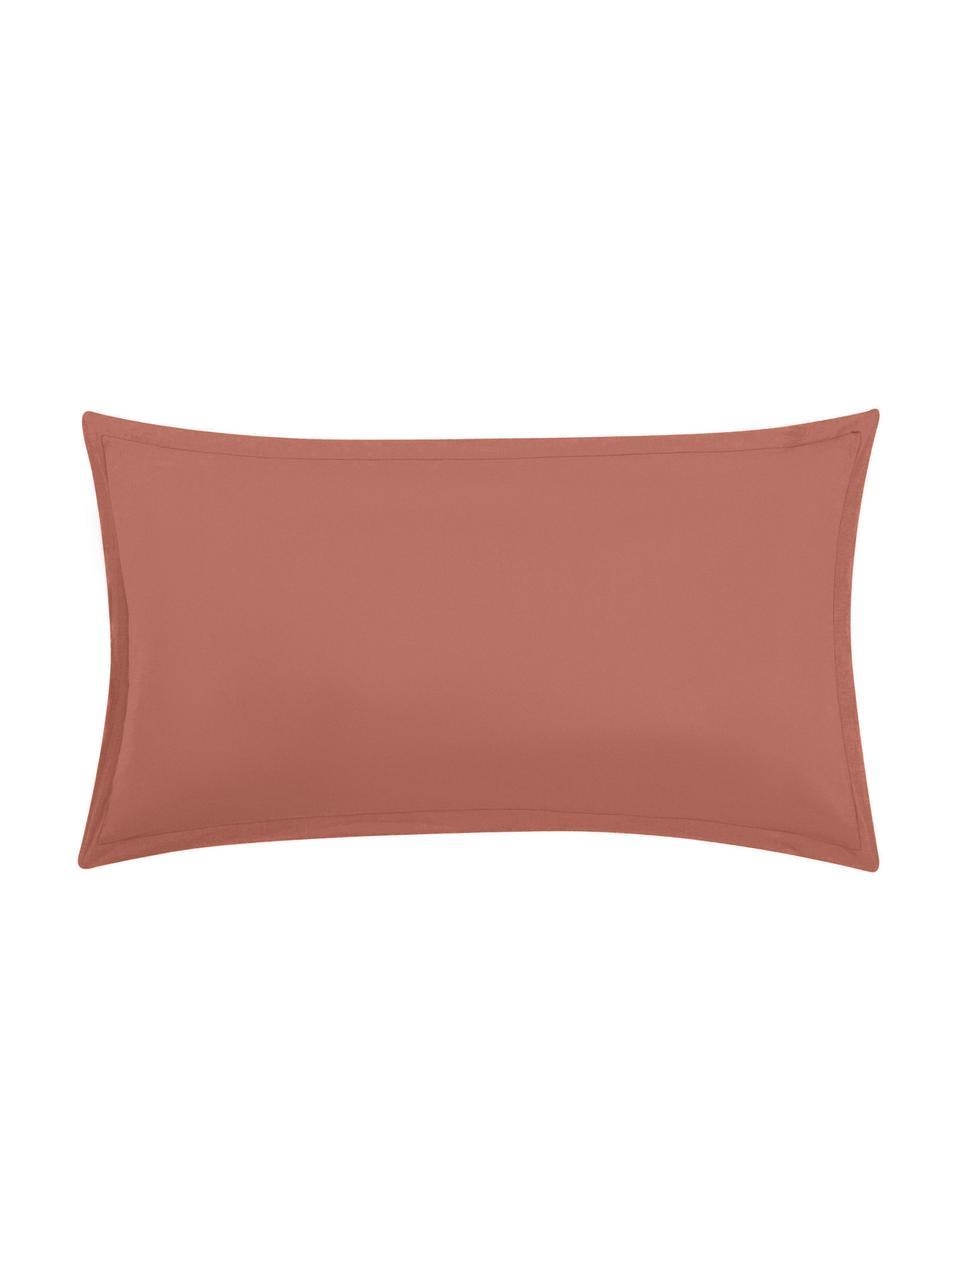 Gewaschene Leinen-Kissenbezüge Nature in Terrakotta, 2 Stück, Halbleinen (52% Leinen, 48% Baumwolle)  Fadendichte 108 TC, Standard Qualität  Halbleinen hat von Natur aus einen kernigen Griff und einen natürlichen Knitterlook, der durch den Stonewash-Effekt verstärkt wird. Es absorbiert bis zu 35% Luftfeuchtigkeit, trocknet sehr schnell und wirkt in Sommernächten angenehm kühlend. Die hohe Reißfestigkeit macht Halbleinen scheuerfest und strapazierfähig., Terrakotta, 40 x 80 cm